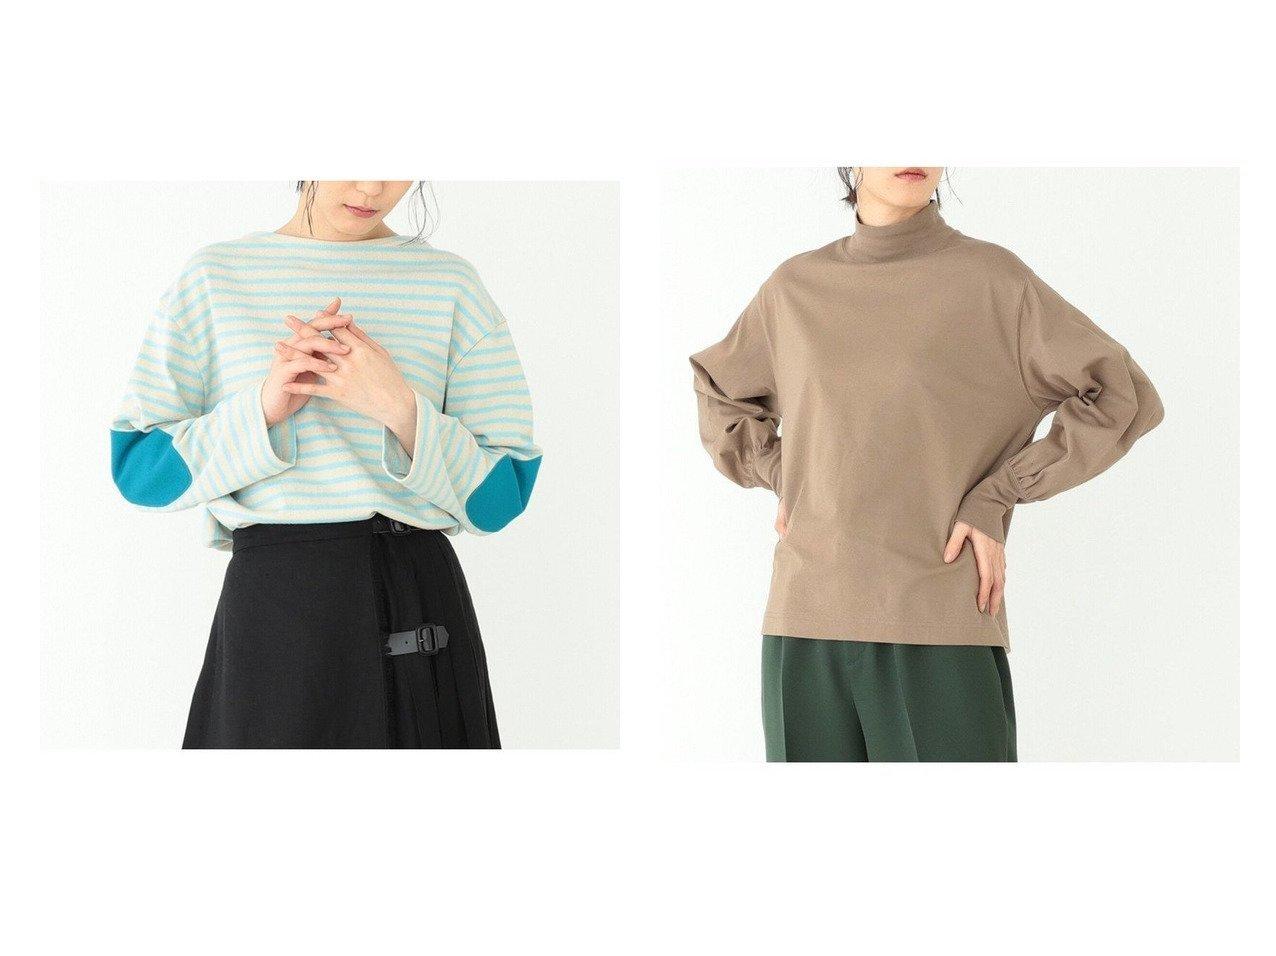 【BEAMS BOY/ビームス ボーイ】のエルボーパッチ バスク ロングスリーブ Tシャツ 21SS&モックネック ギャザー ロングスリーブTシャツ トップス・カットソーのおすすめ!人気、トレンド・レディースファッションの通販 おすすめで人気の流行・トレンド、ファッションの通販商品 メンズファッション・キッズファッション・インテリア・家具・レディースファッション・服の通販 founy(ファニー) https://founy.com/ ファッション Fashion レディースファッション WOMEN トップス カットソー Tops Tshirt シャツ/ブラウス Shirts Blouses ロング / Tシャツ T-Shirts カットソー Cut and Sewn 2021年 2021 2021 春夏 S/S SS Spring/Summer 2021 S/S 春夏 SS Spring/Summer カットソー スリーブ トレンド バスク ロング |ID:crp329100000023025